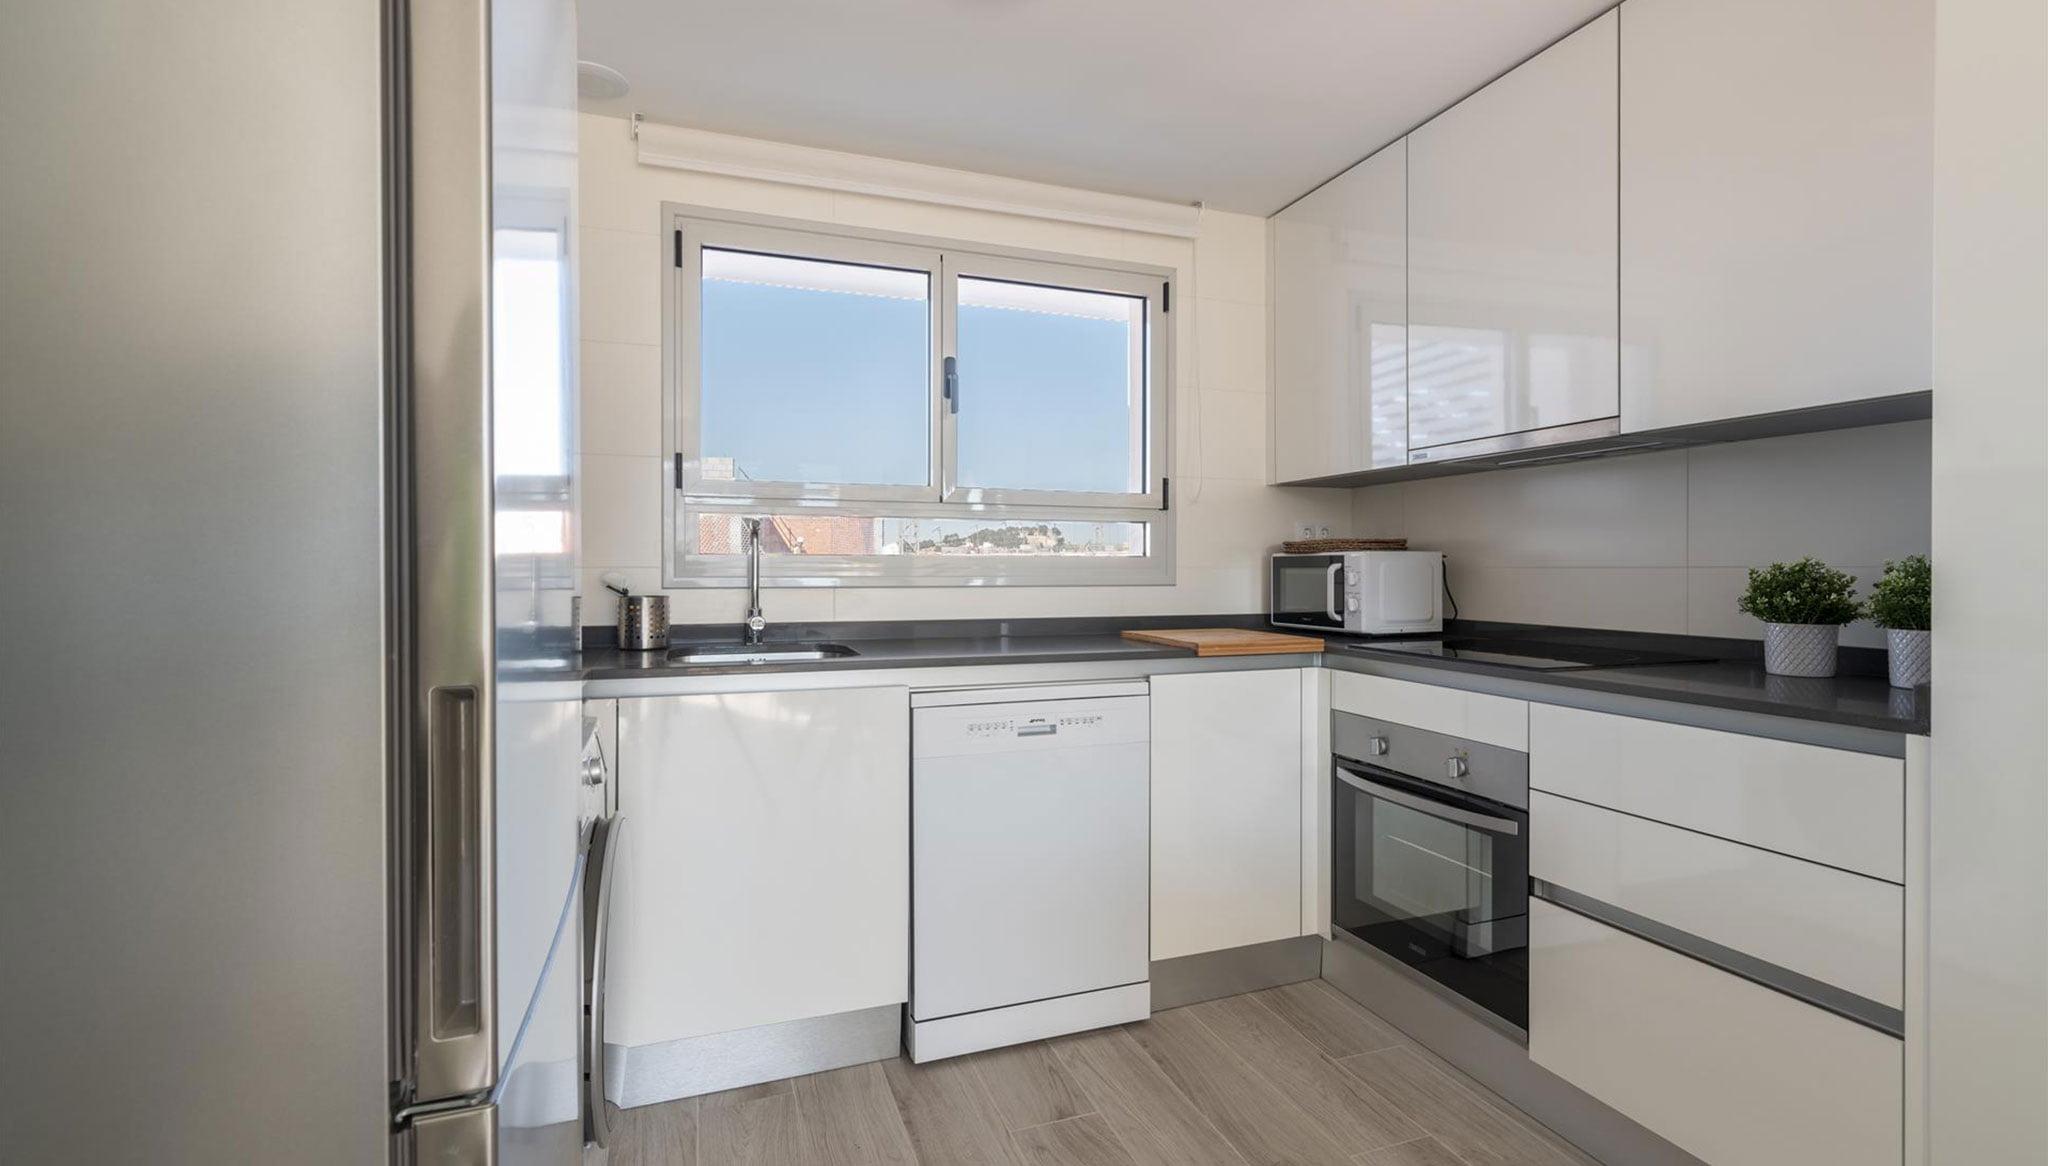 Cuina d'un apartament de lloguer a Dénia - Quality Rent A Villa